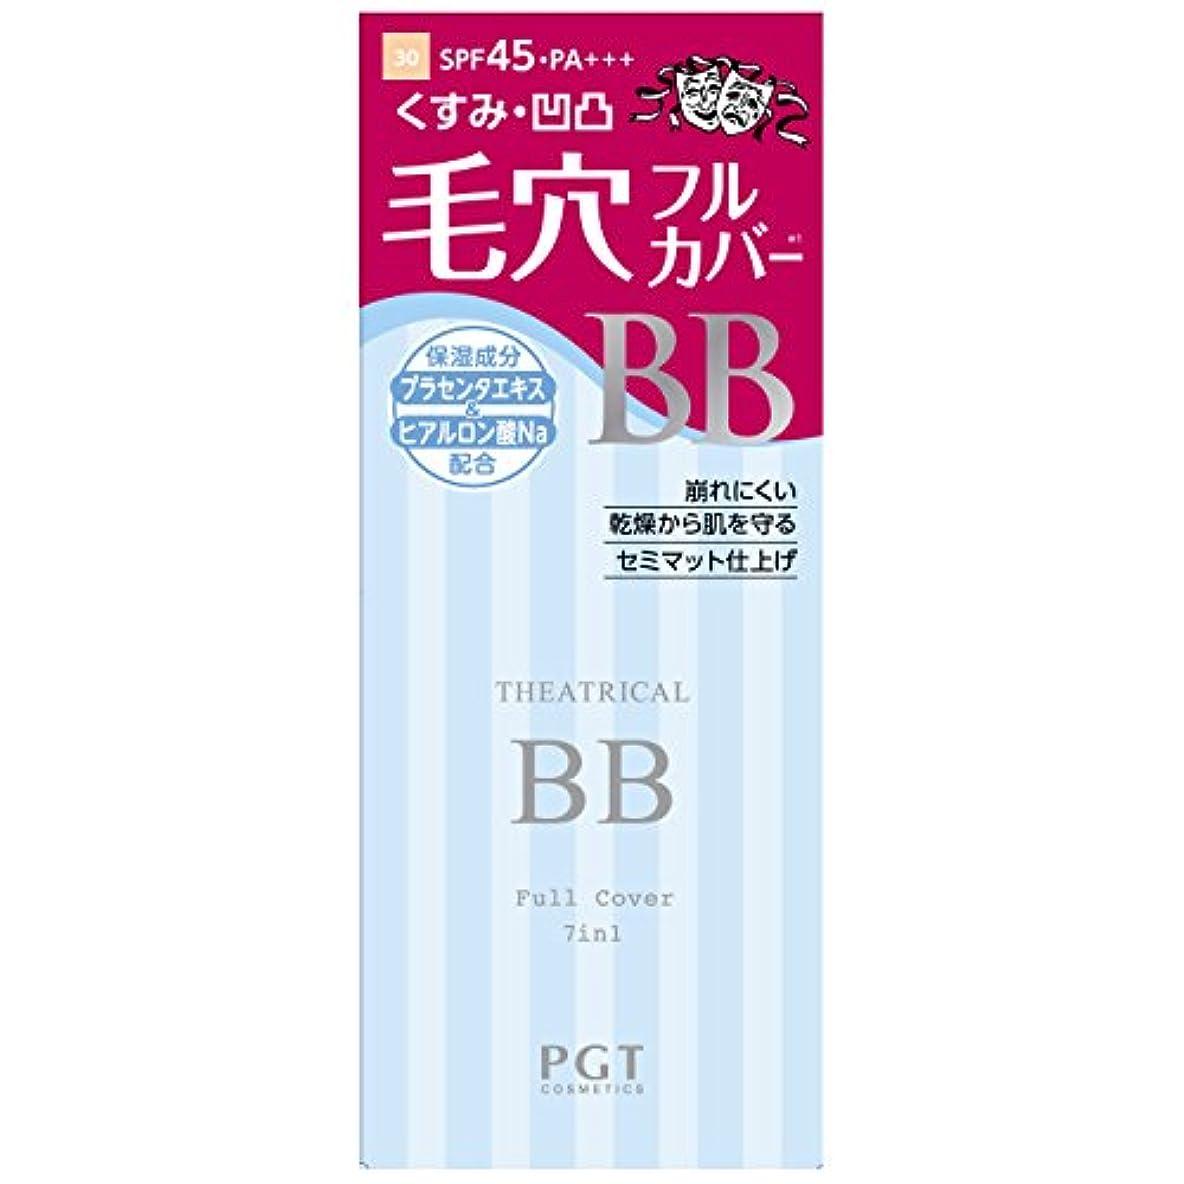 バース集中ファセットパルガントン シアトリカルBBクリーム#30 ナチュラルオークル  25g SPF45/PA+++